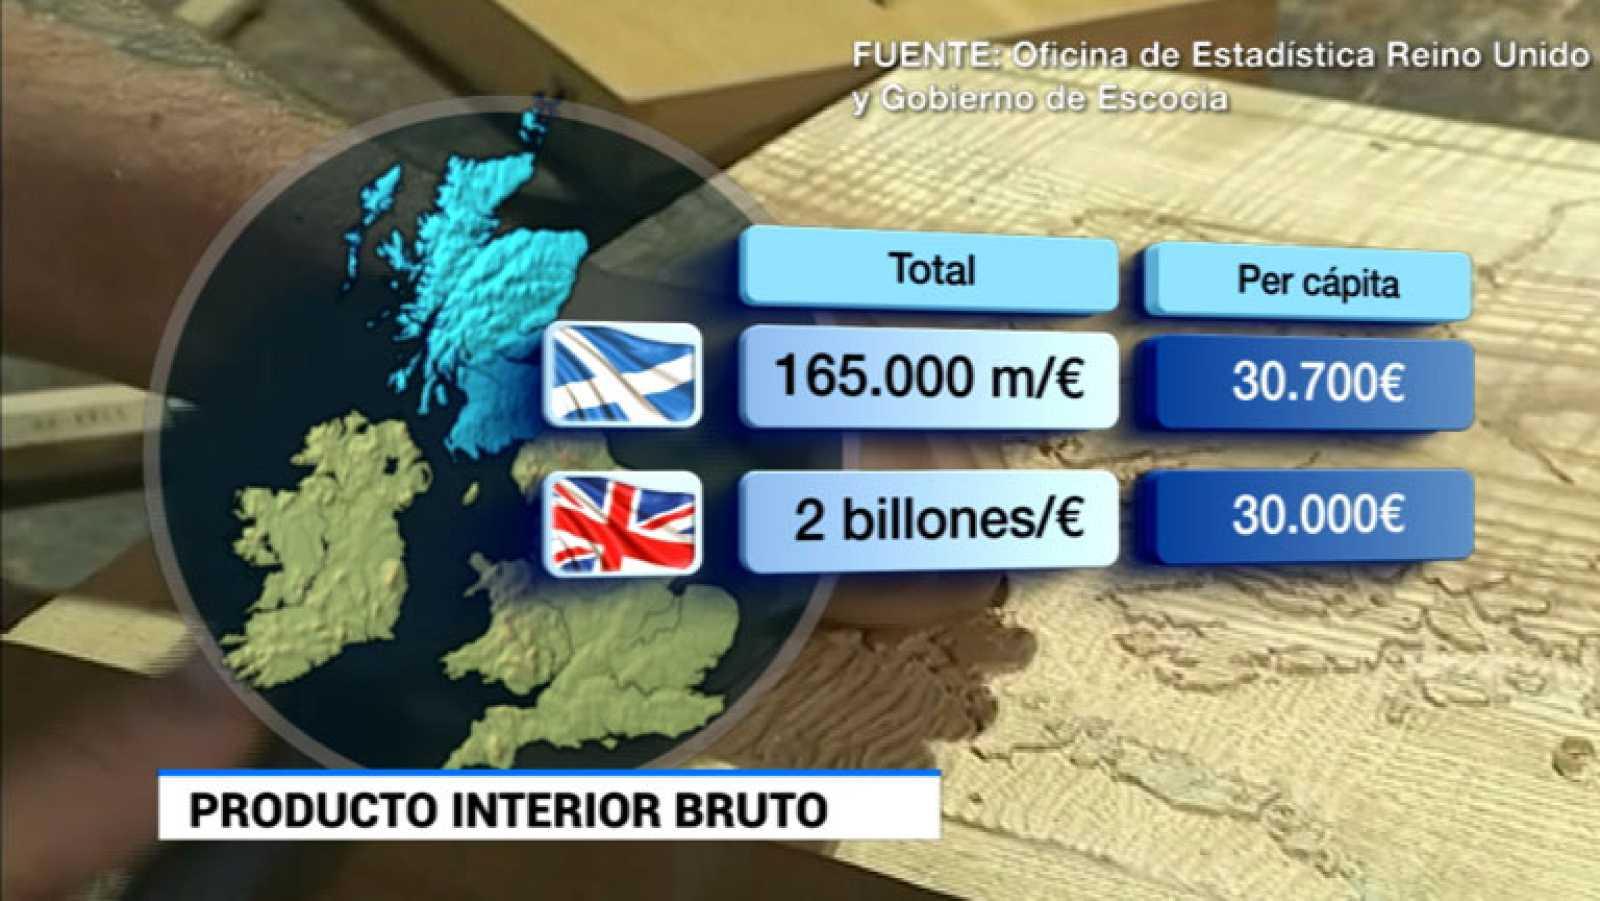 Escocia representa poco más del 8% del Producto Interior Bruto del Reino Unido